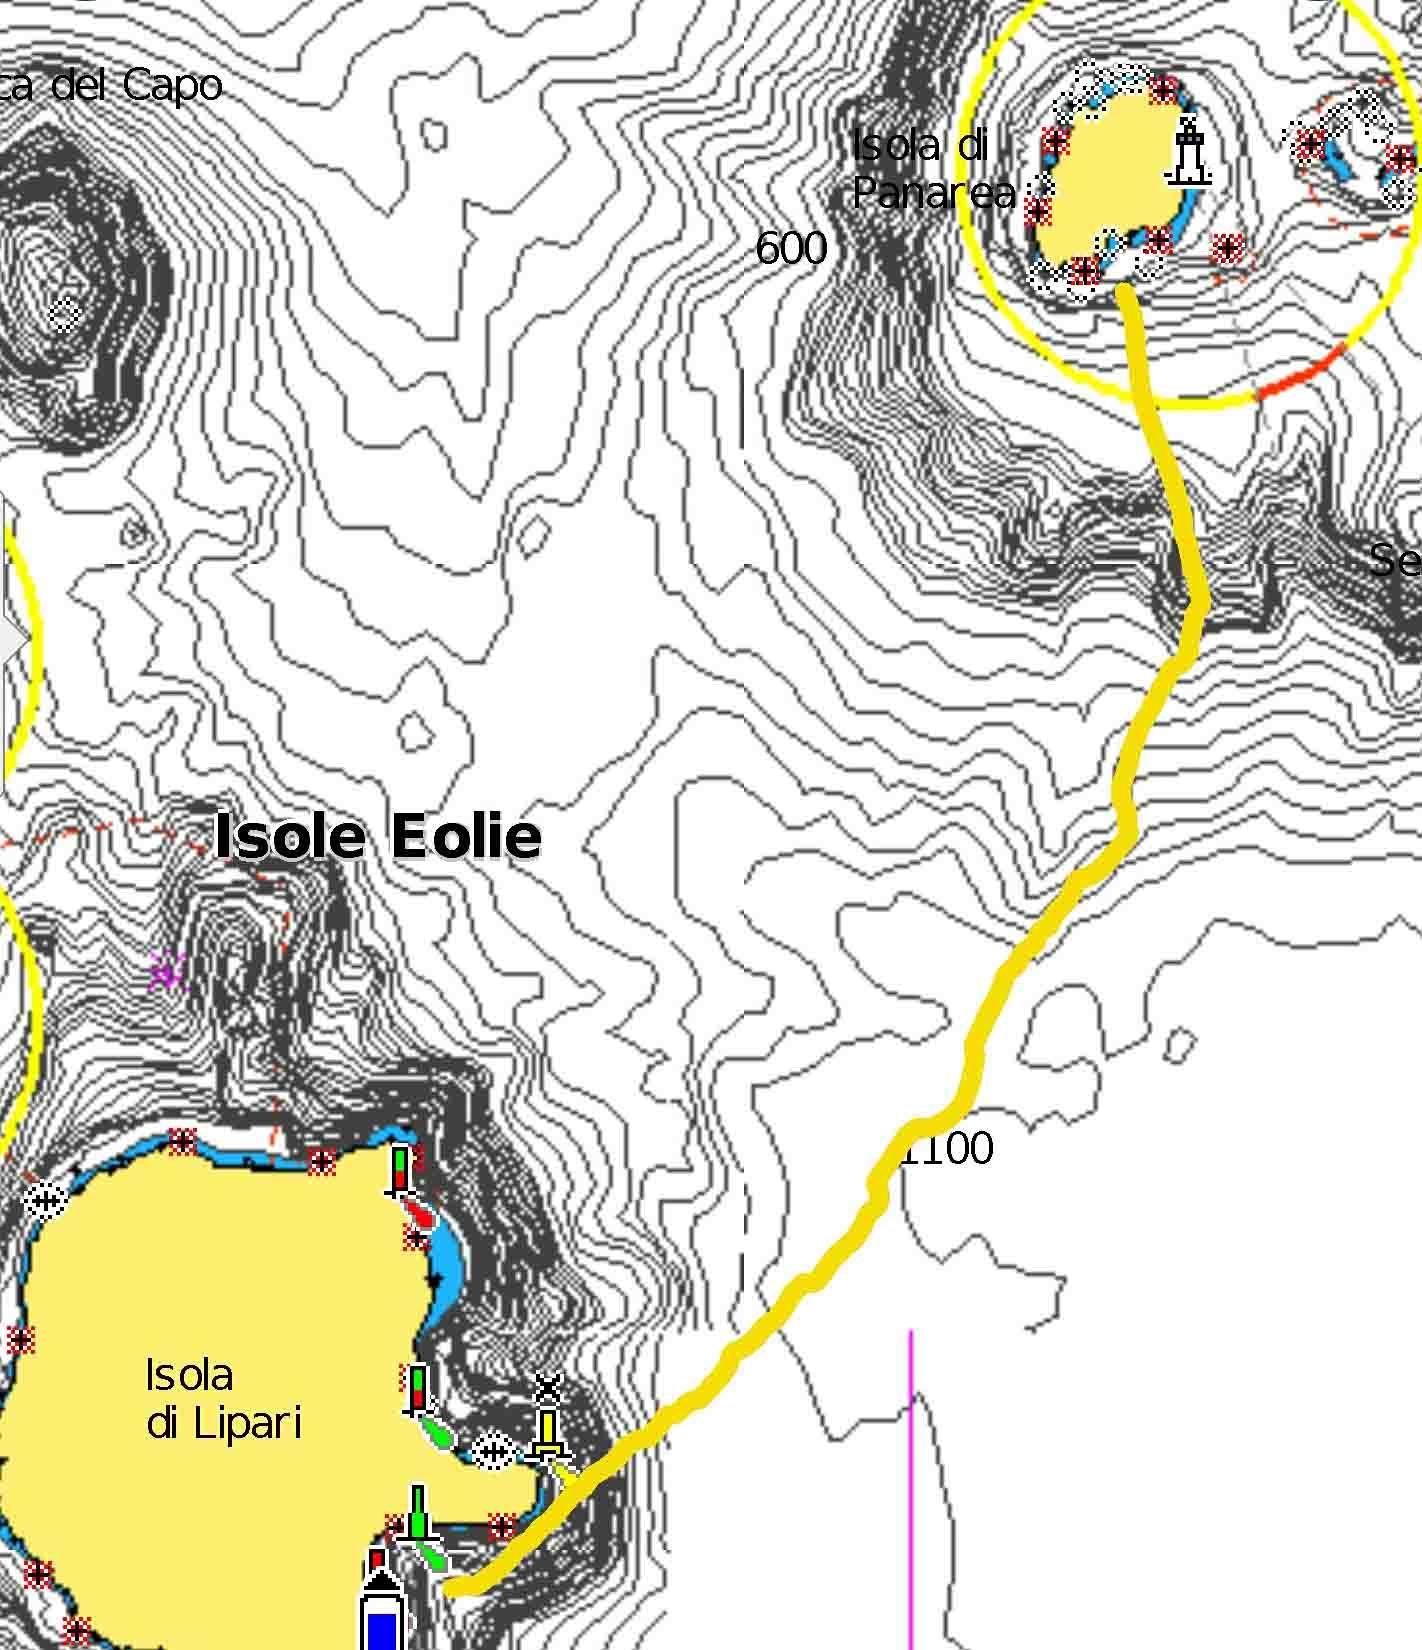 Si può arare anche il mare Marina Corta Cala Zimmari navigando per le Eolie Fontaine Pajot Saba 50 catamarano barca a vela